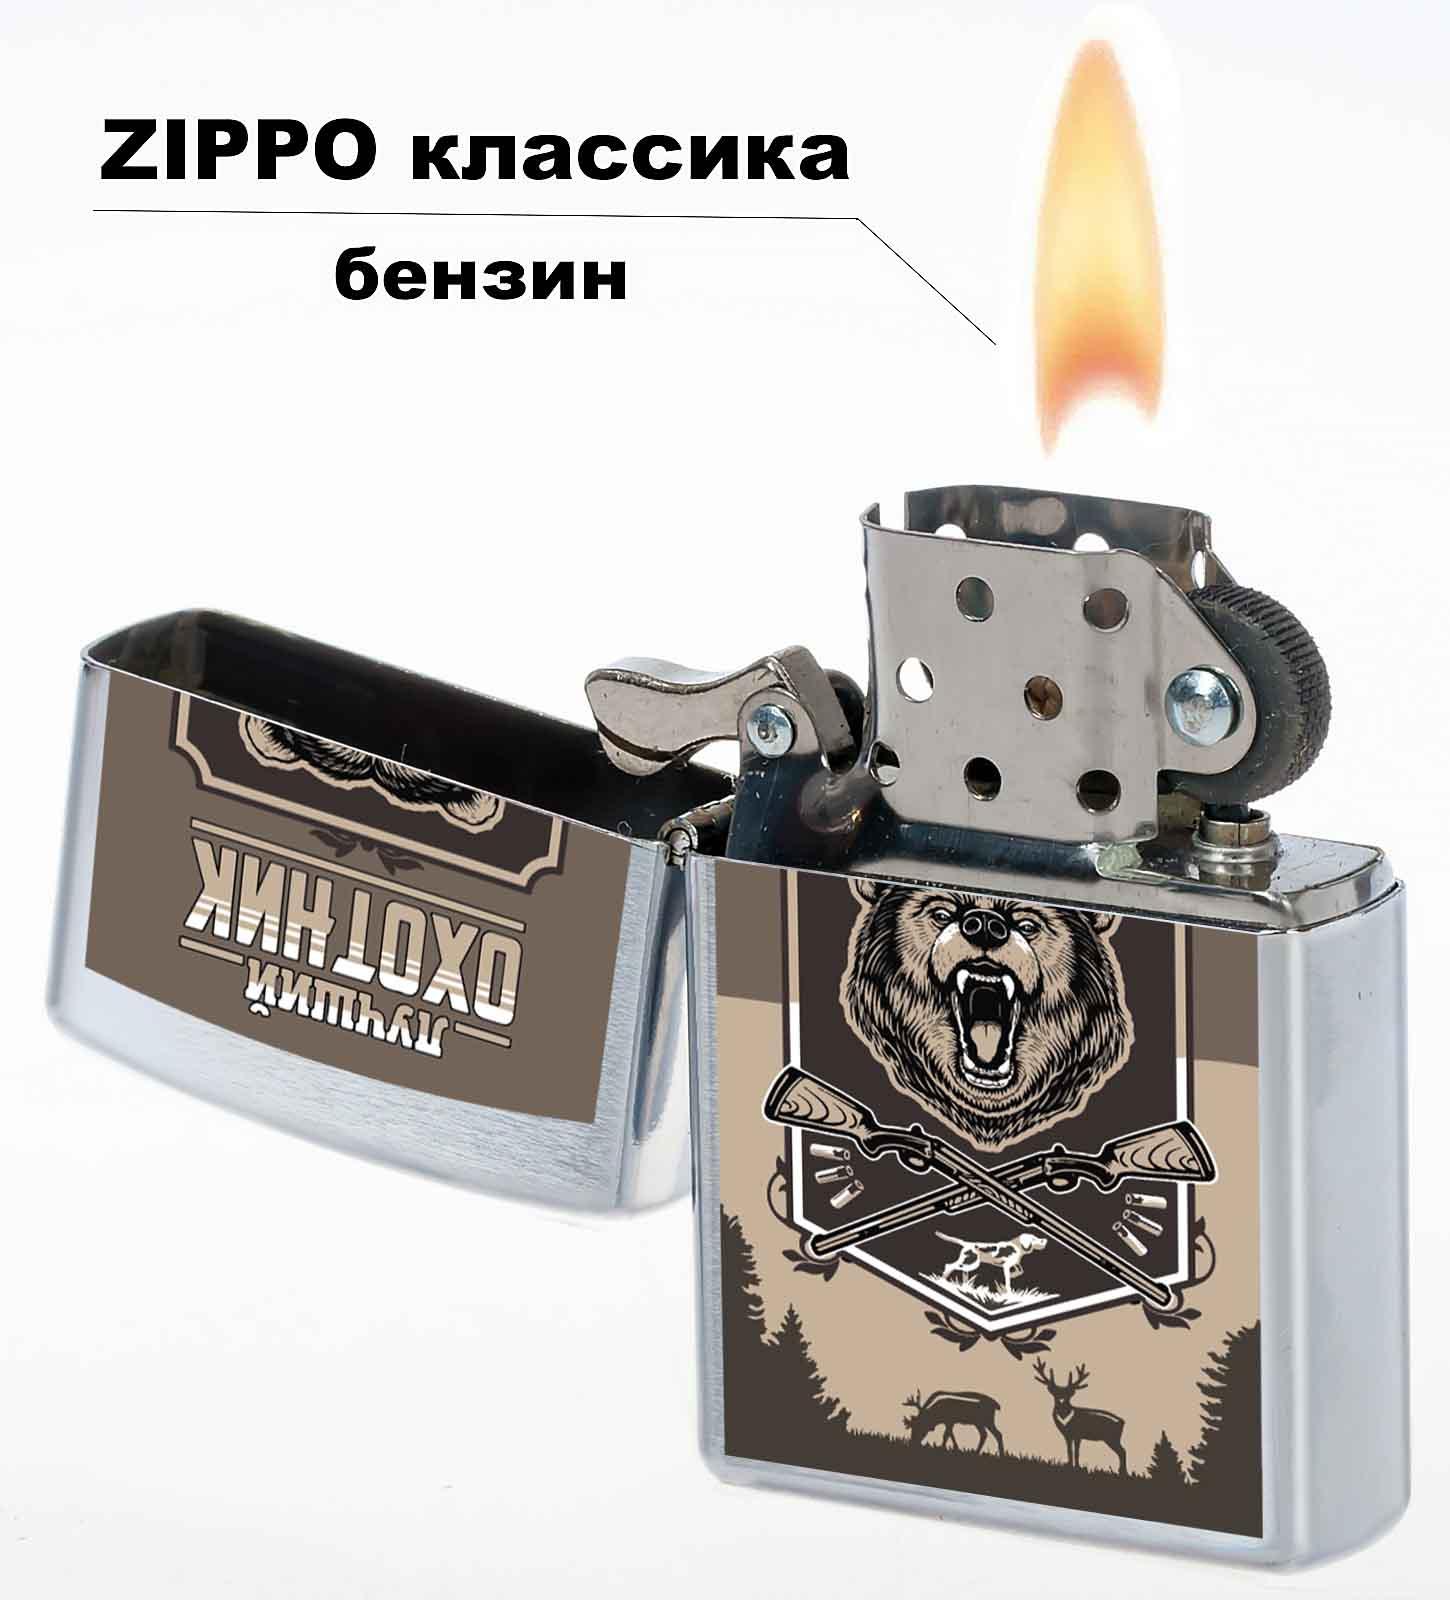 Купить металлическую зажигалку лучшего охотника с доставкой в ваш город